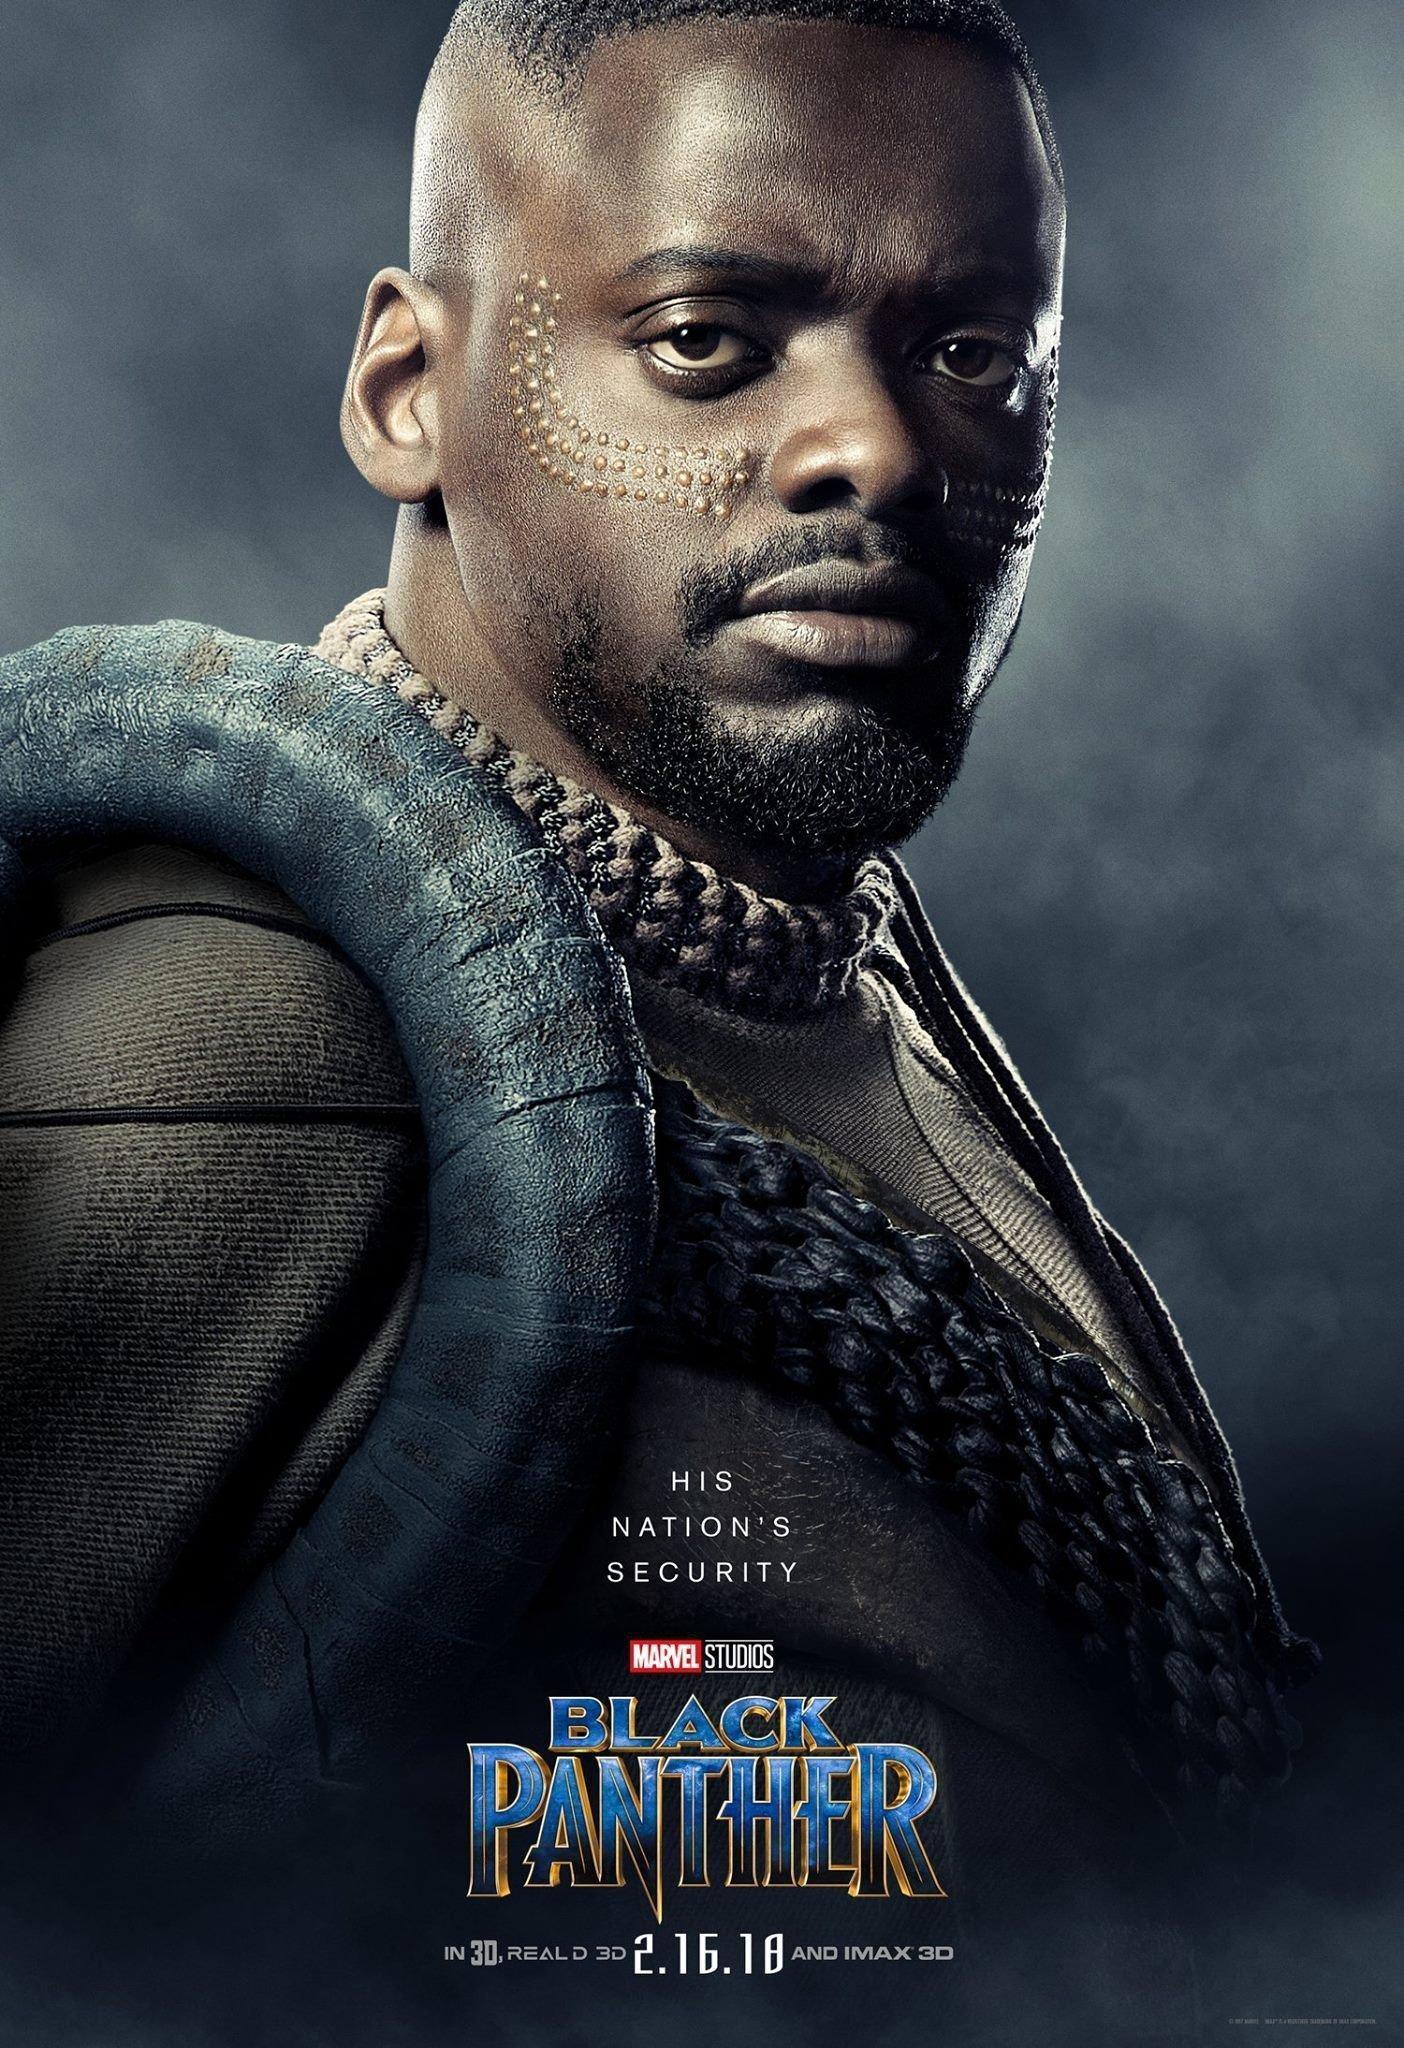 Poster du film Black Panther avec Daniel Kaluuya (W'Kabi)